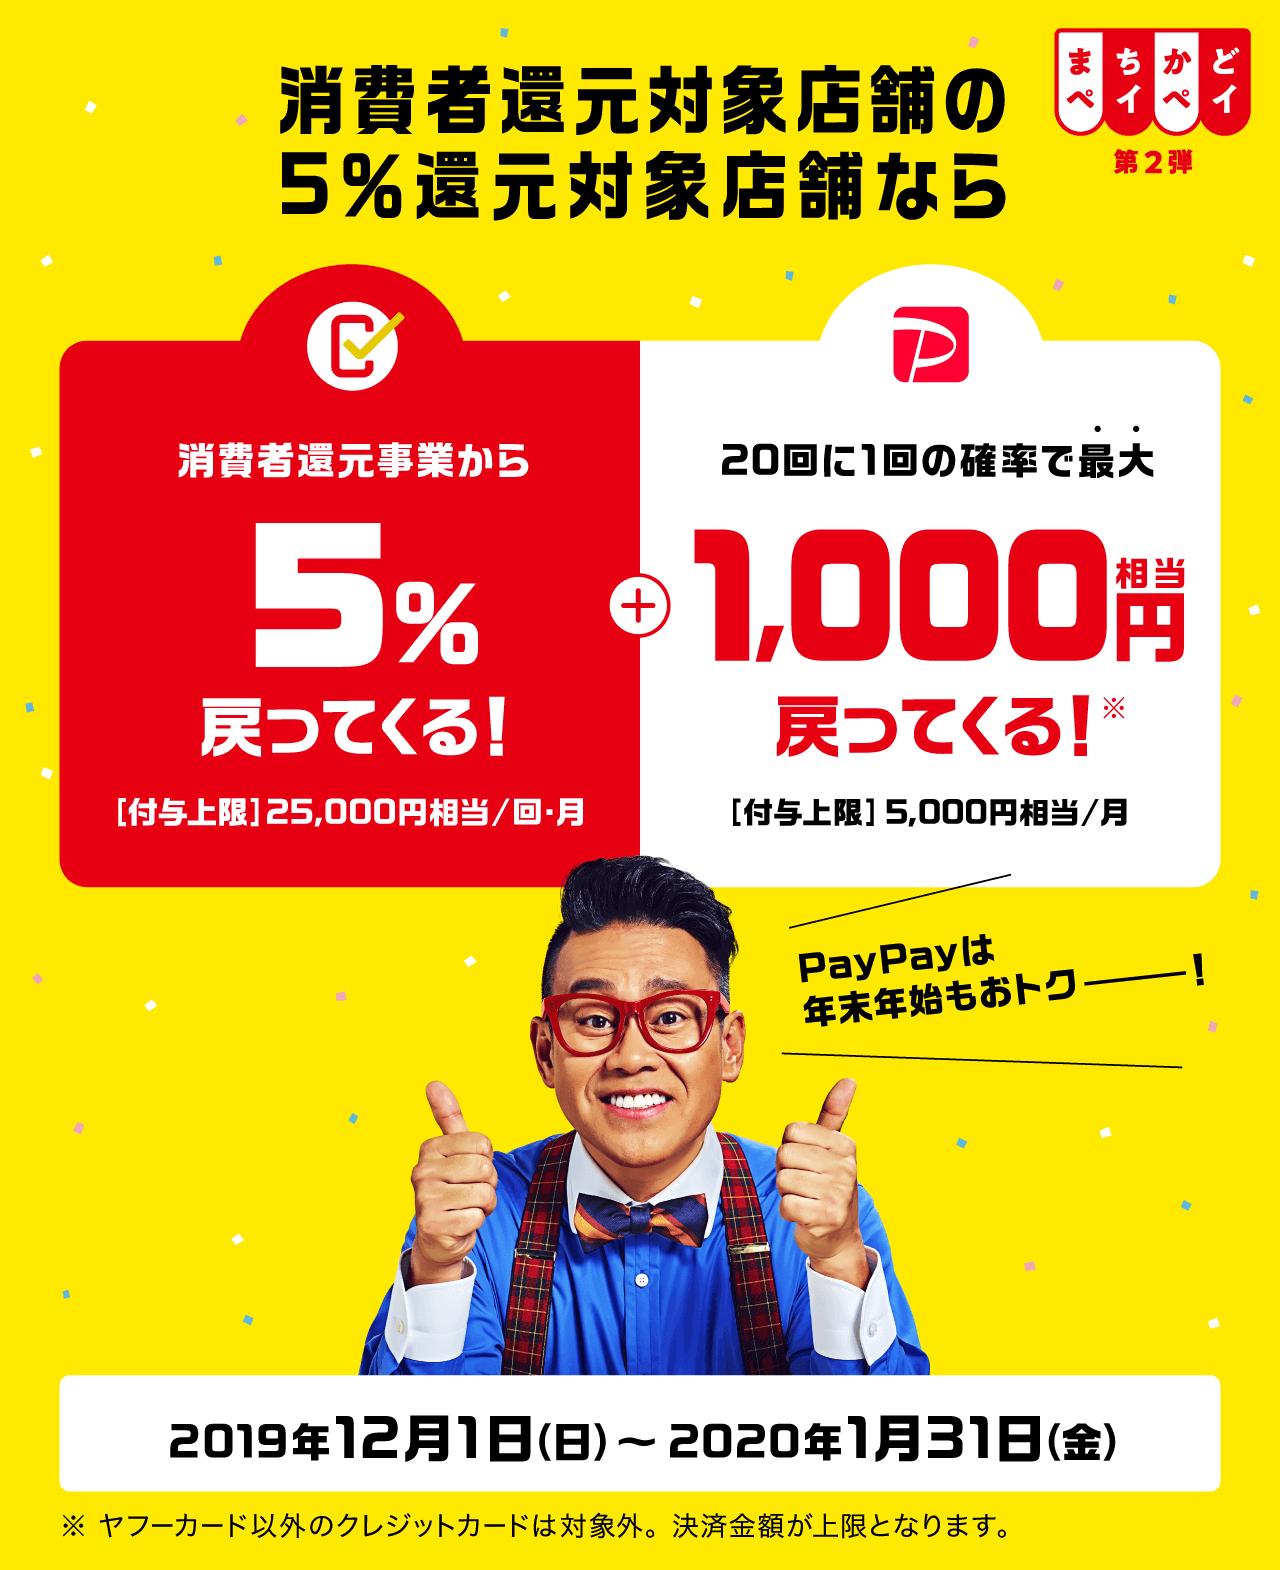 消費者還元対象店舗の5%還元対象店舗なら 消費者還元事業者から5%戻ってくる! + 20回に1回の確率で最大1,000円相当戻ってくる!